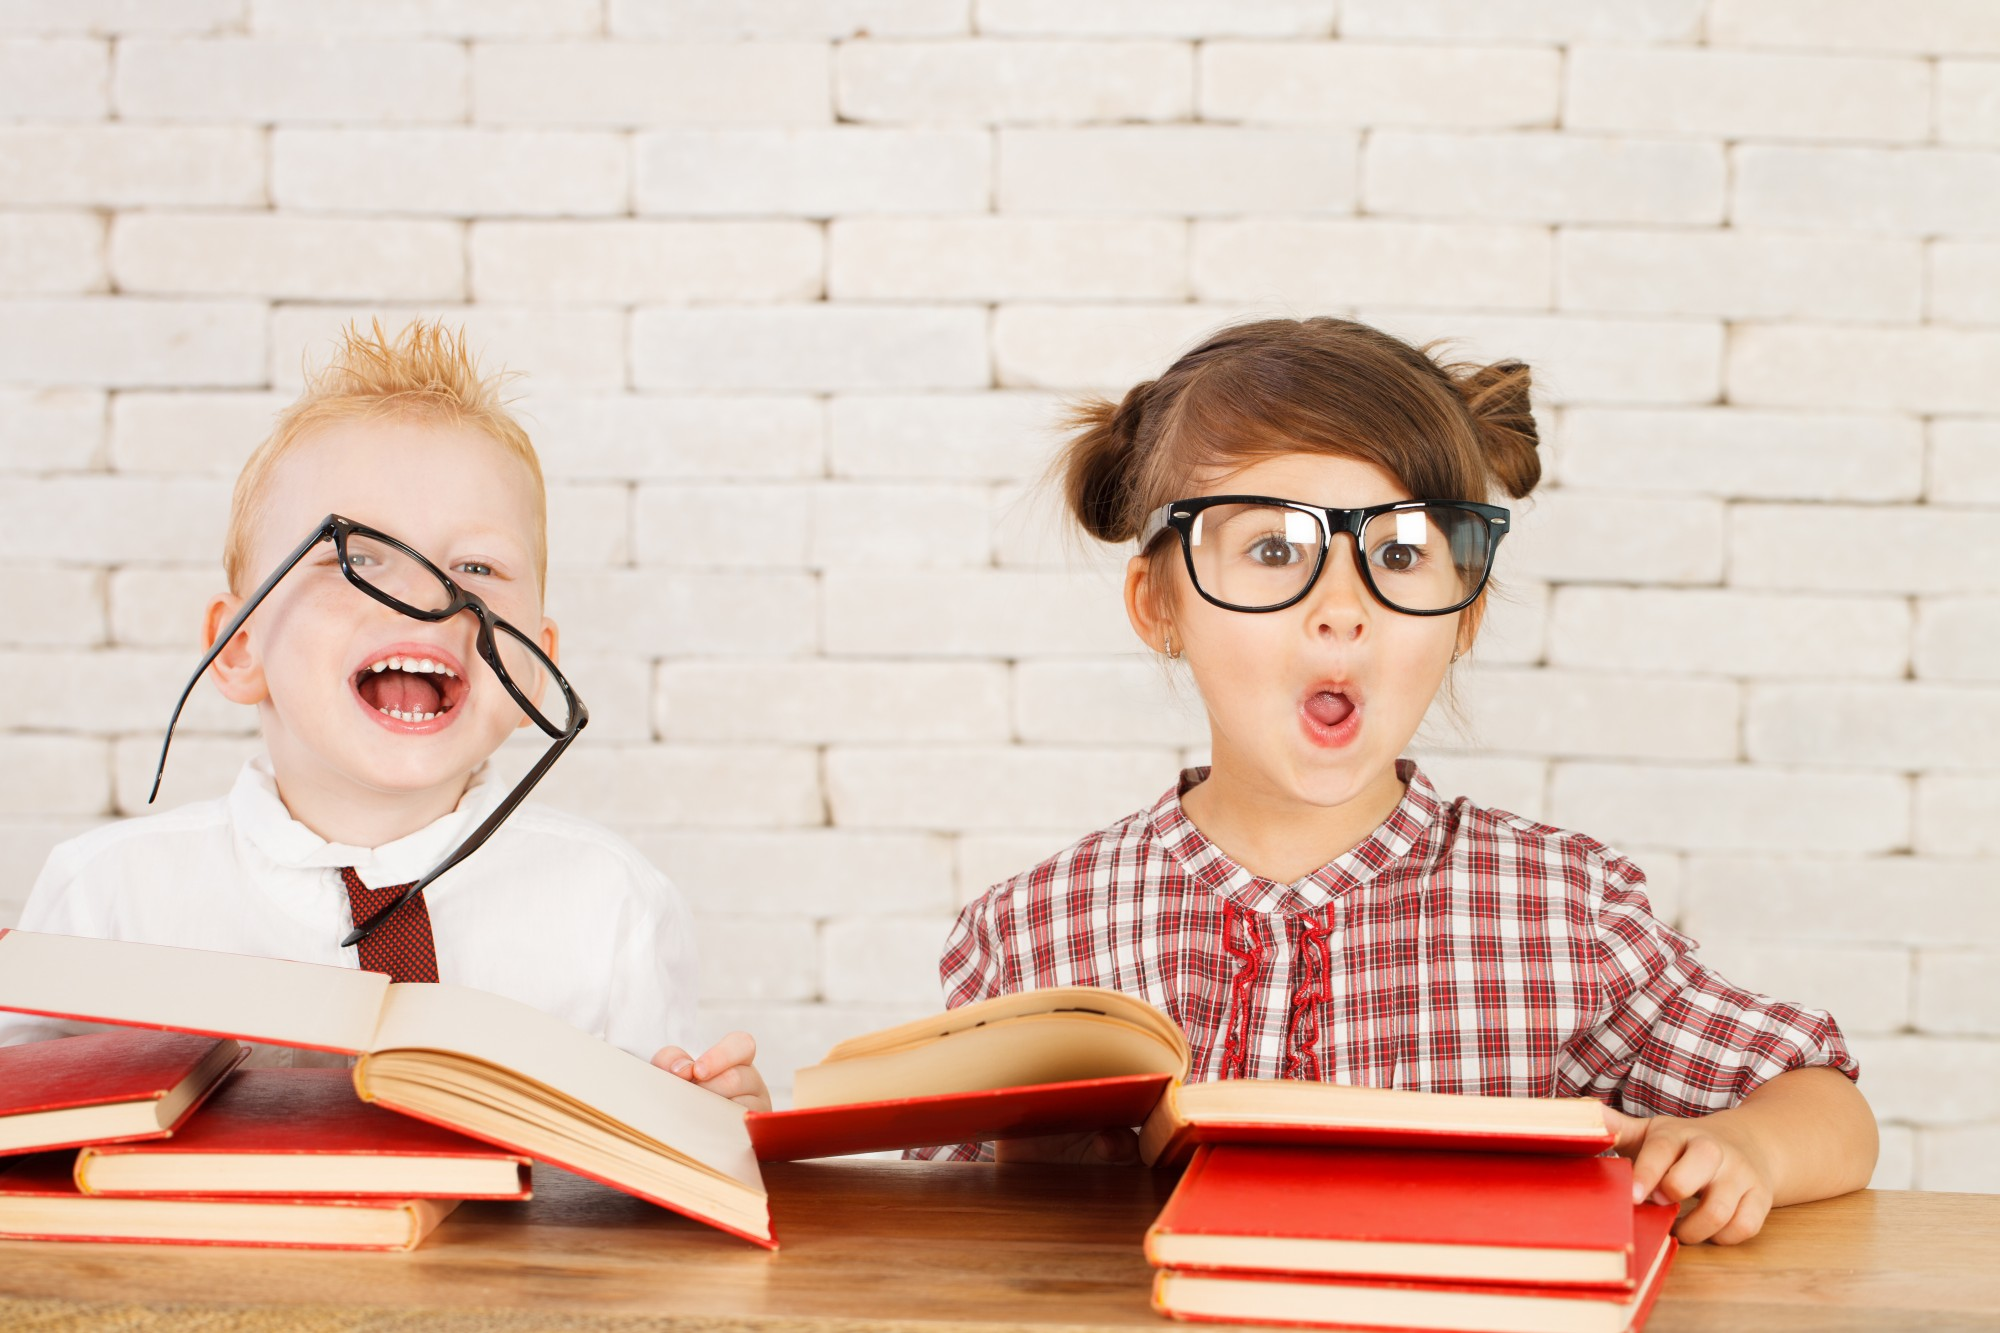 Children nerds